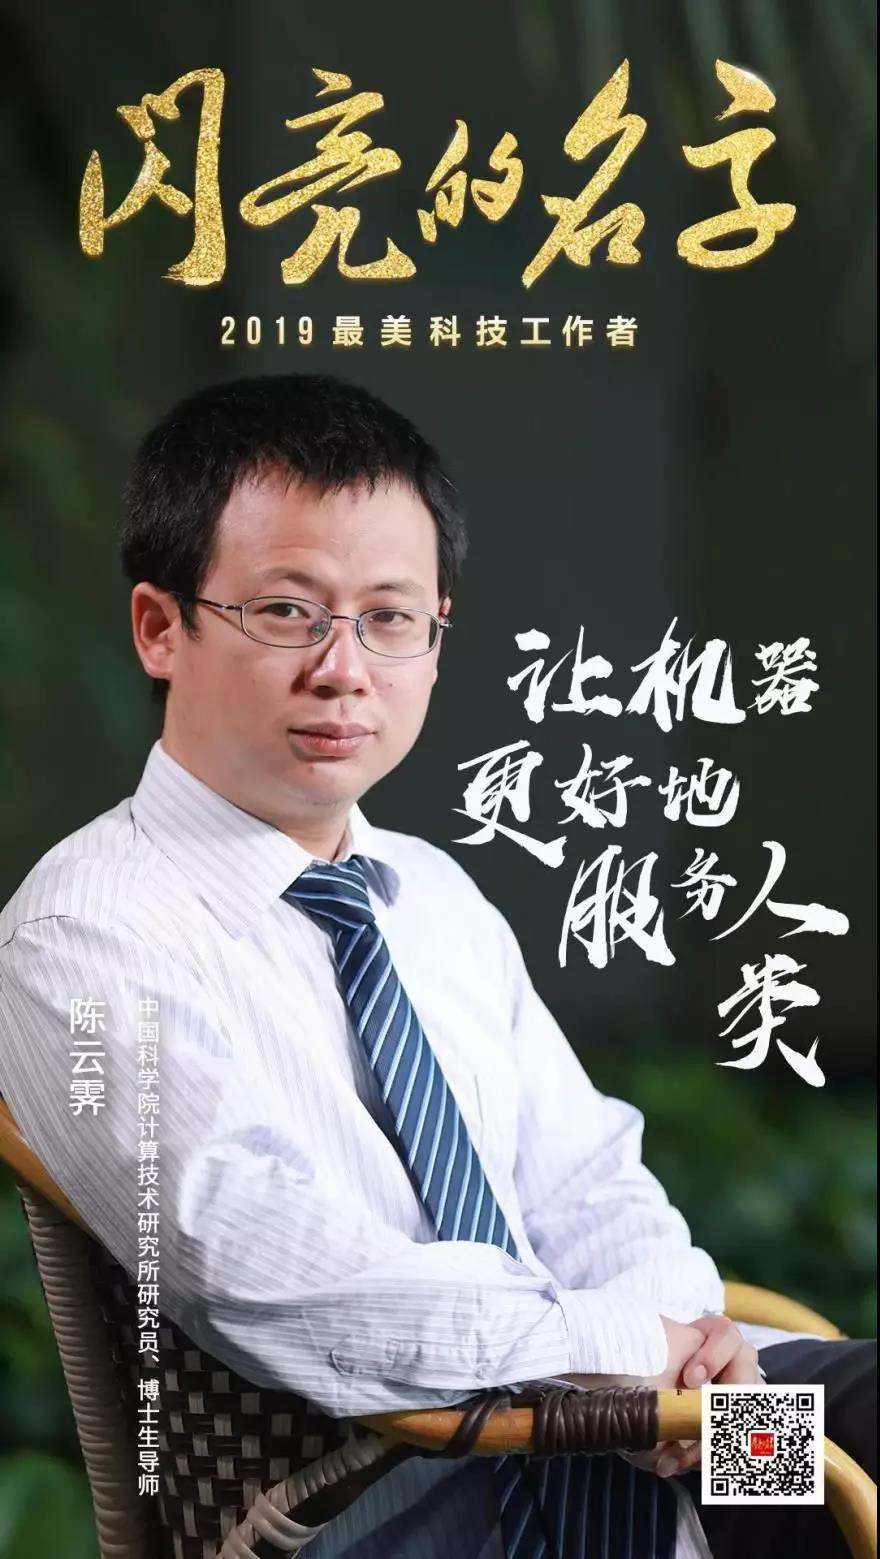 """苦心耕读十余年,陈云霁是少年班走出来的研究员;勇于挑战创新,他想让计算机更聪明。他带领团队研制国际上首个深度学习处理器芯片""""寒武纪"""",被《Science》杂志评价为""""深度学习处理器的先驱和领导者""""。"""